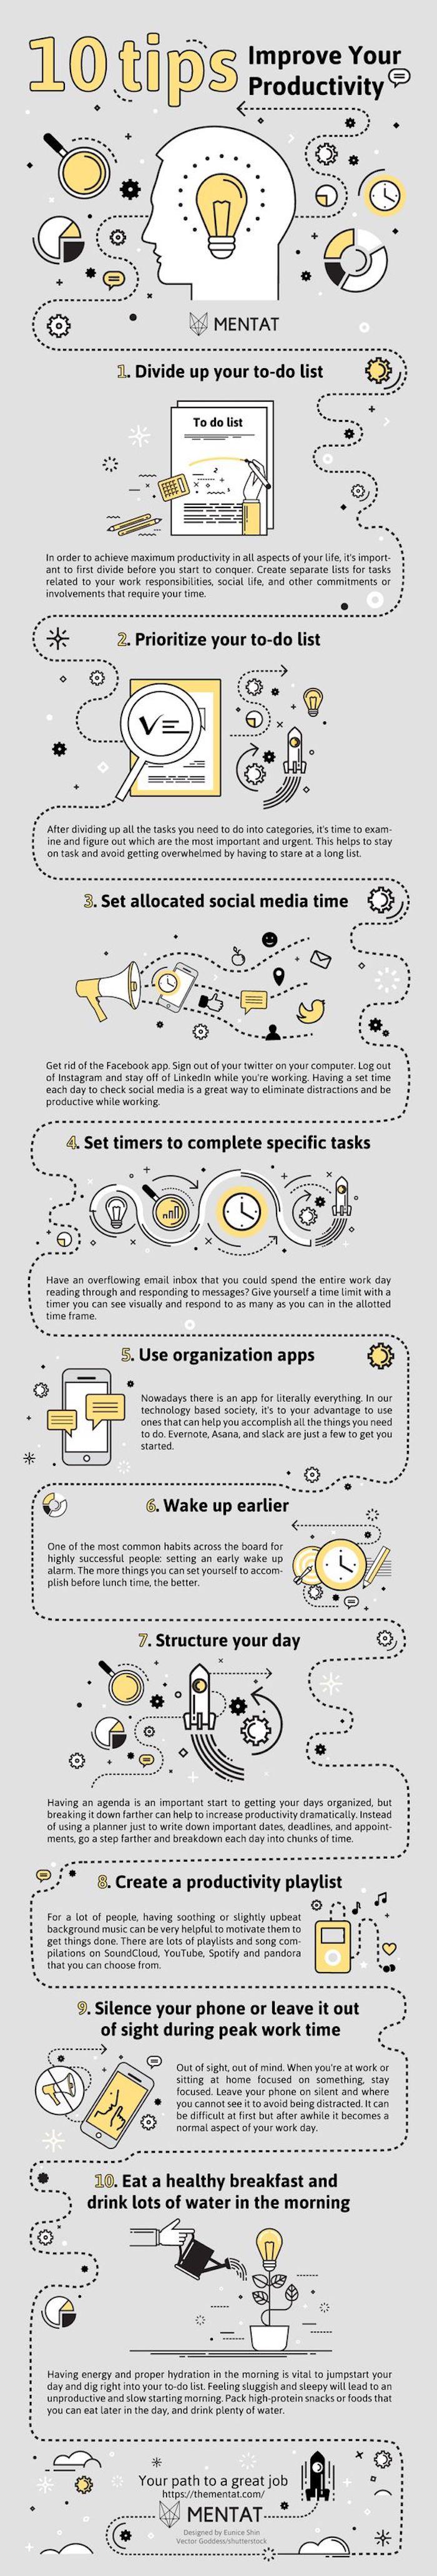 Une infographie qui révèle 10 conseils pour améliorer votre productivité